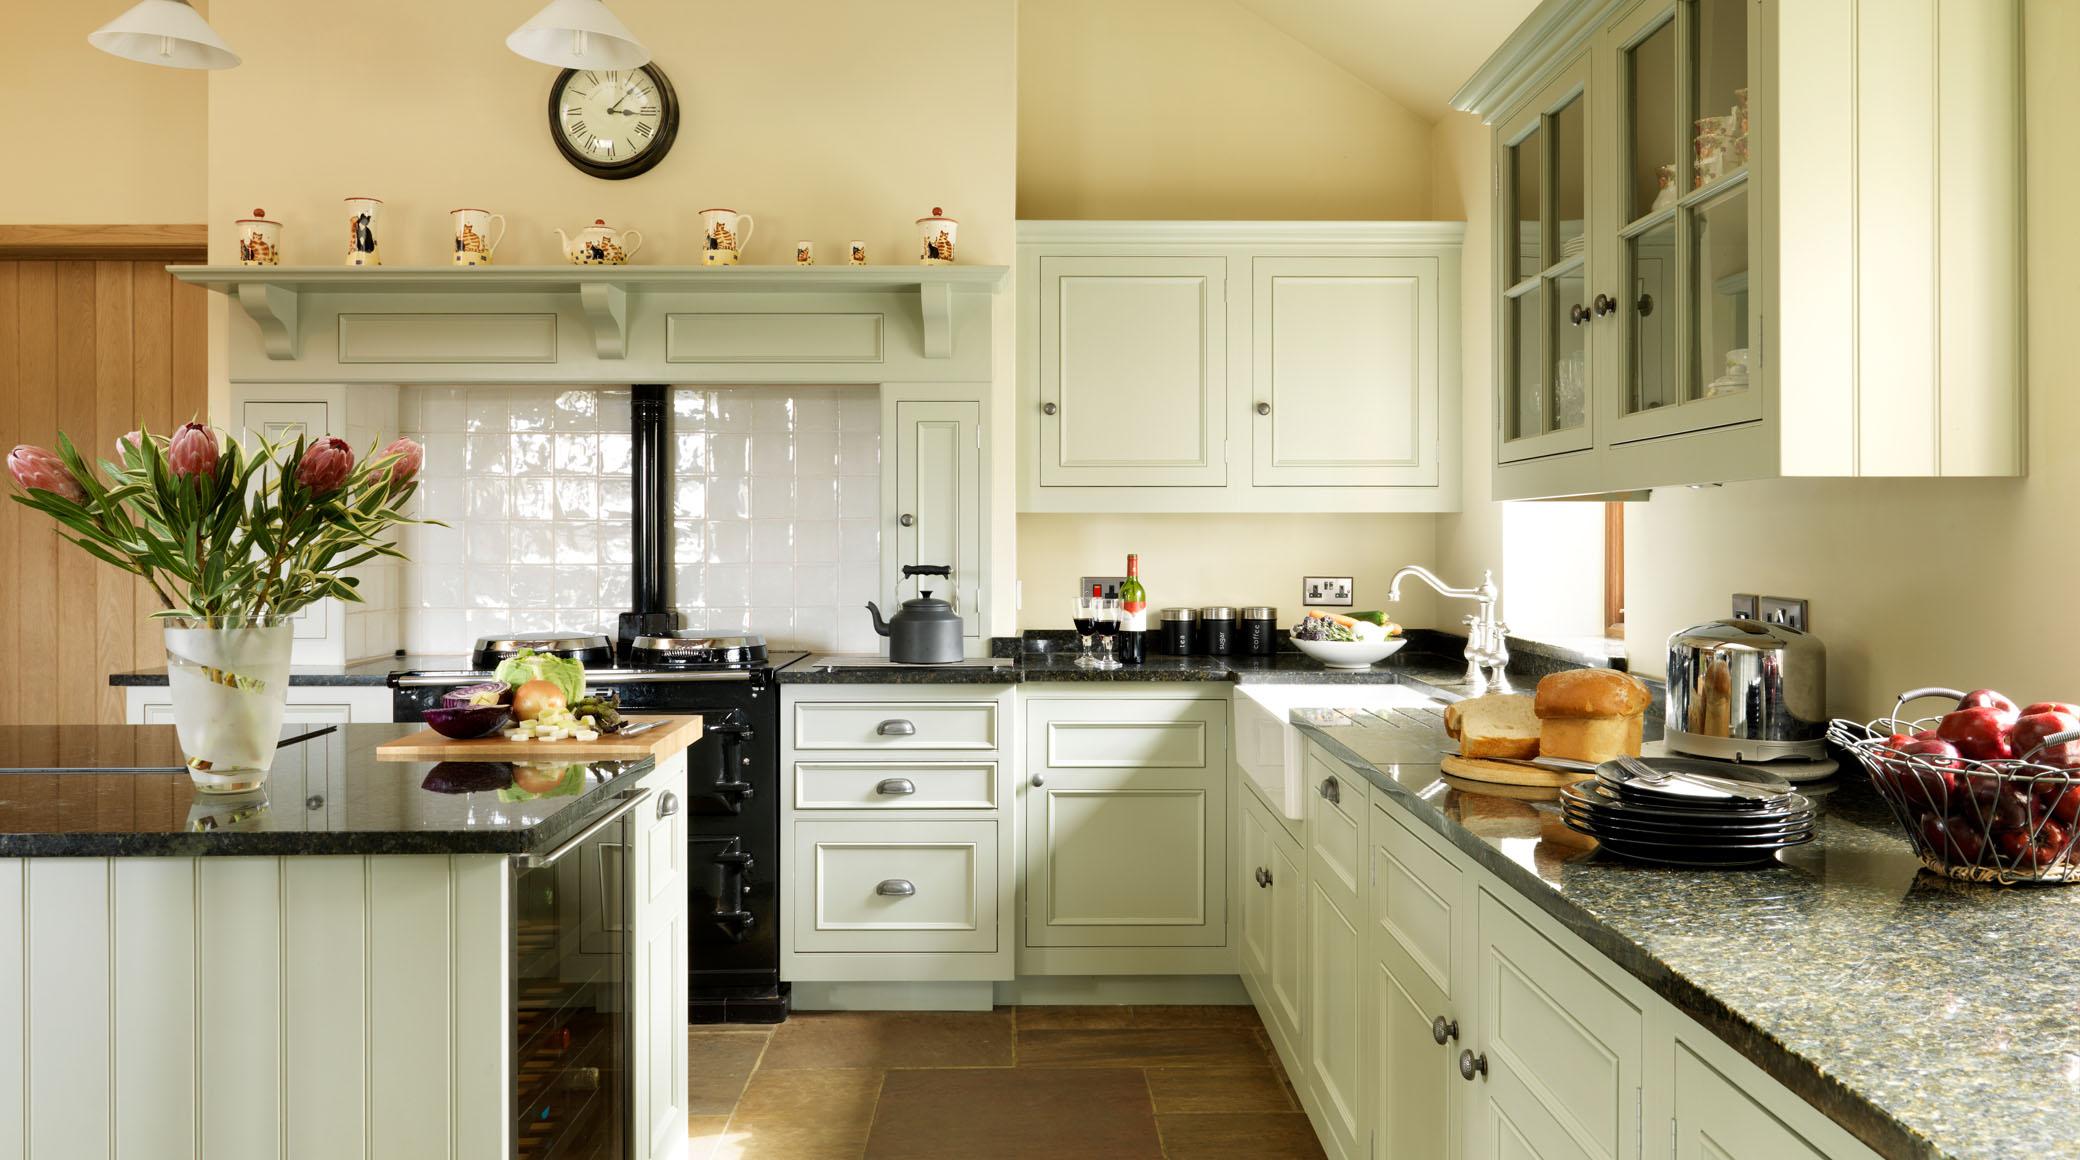 Kitchen Kitchen Cabinets Kitchen Sink Kitchen Tiles Modern Kitchen